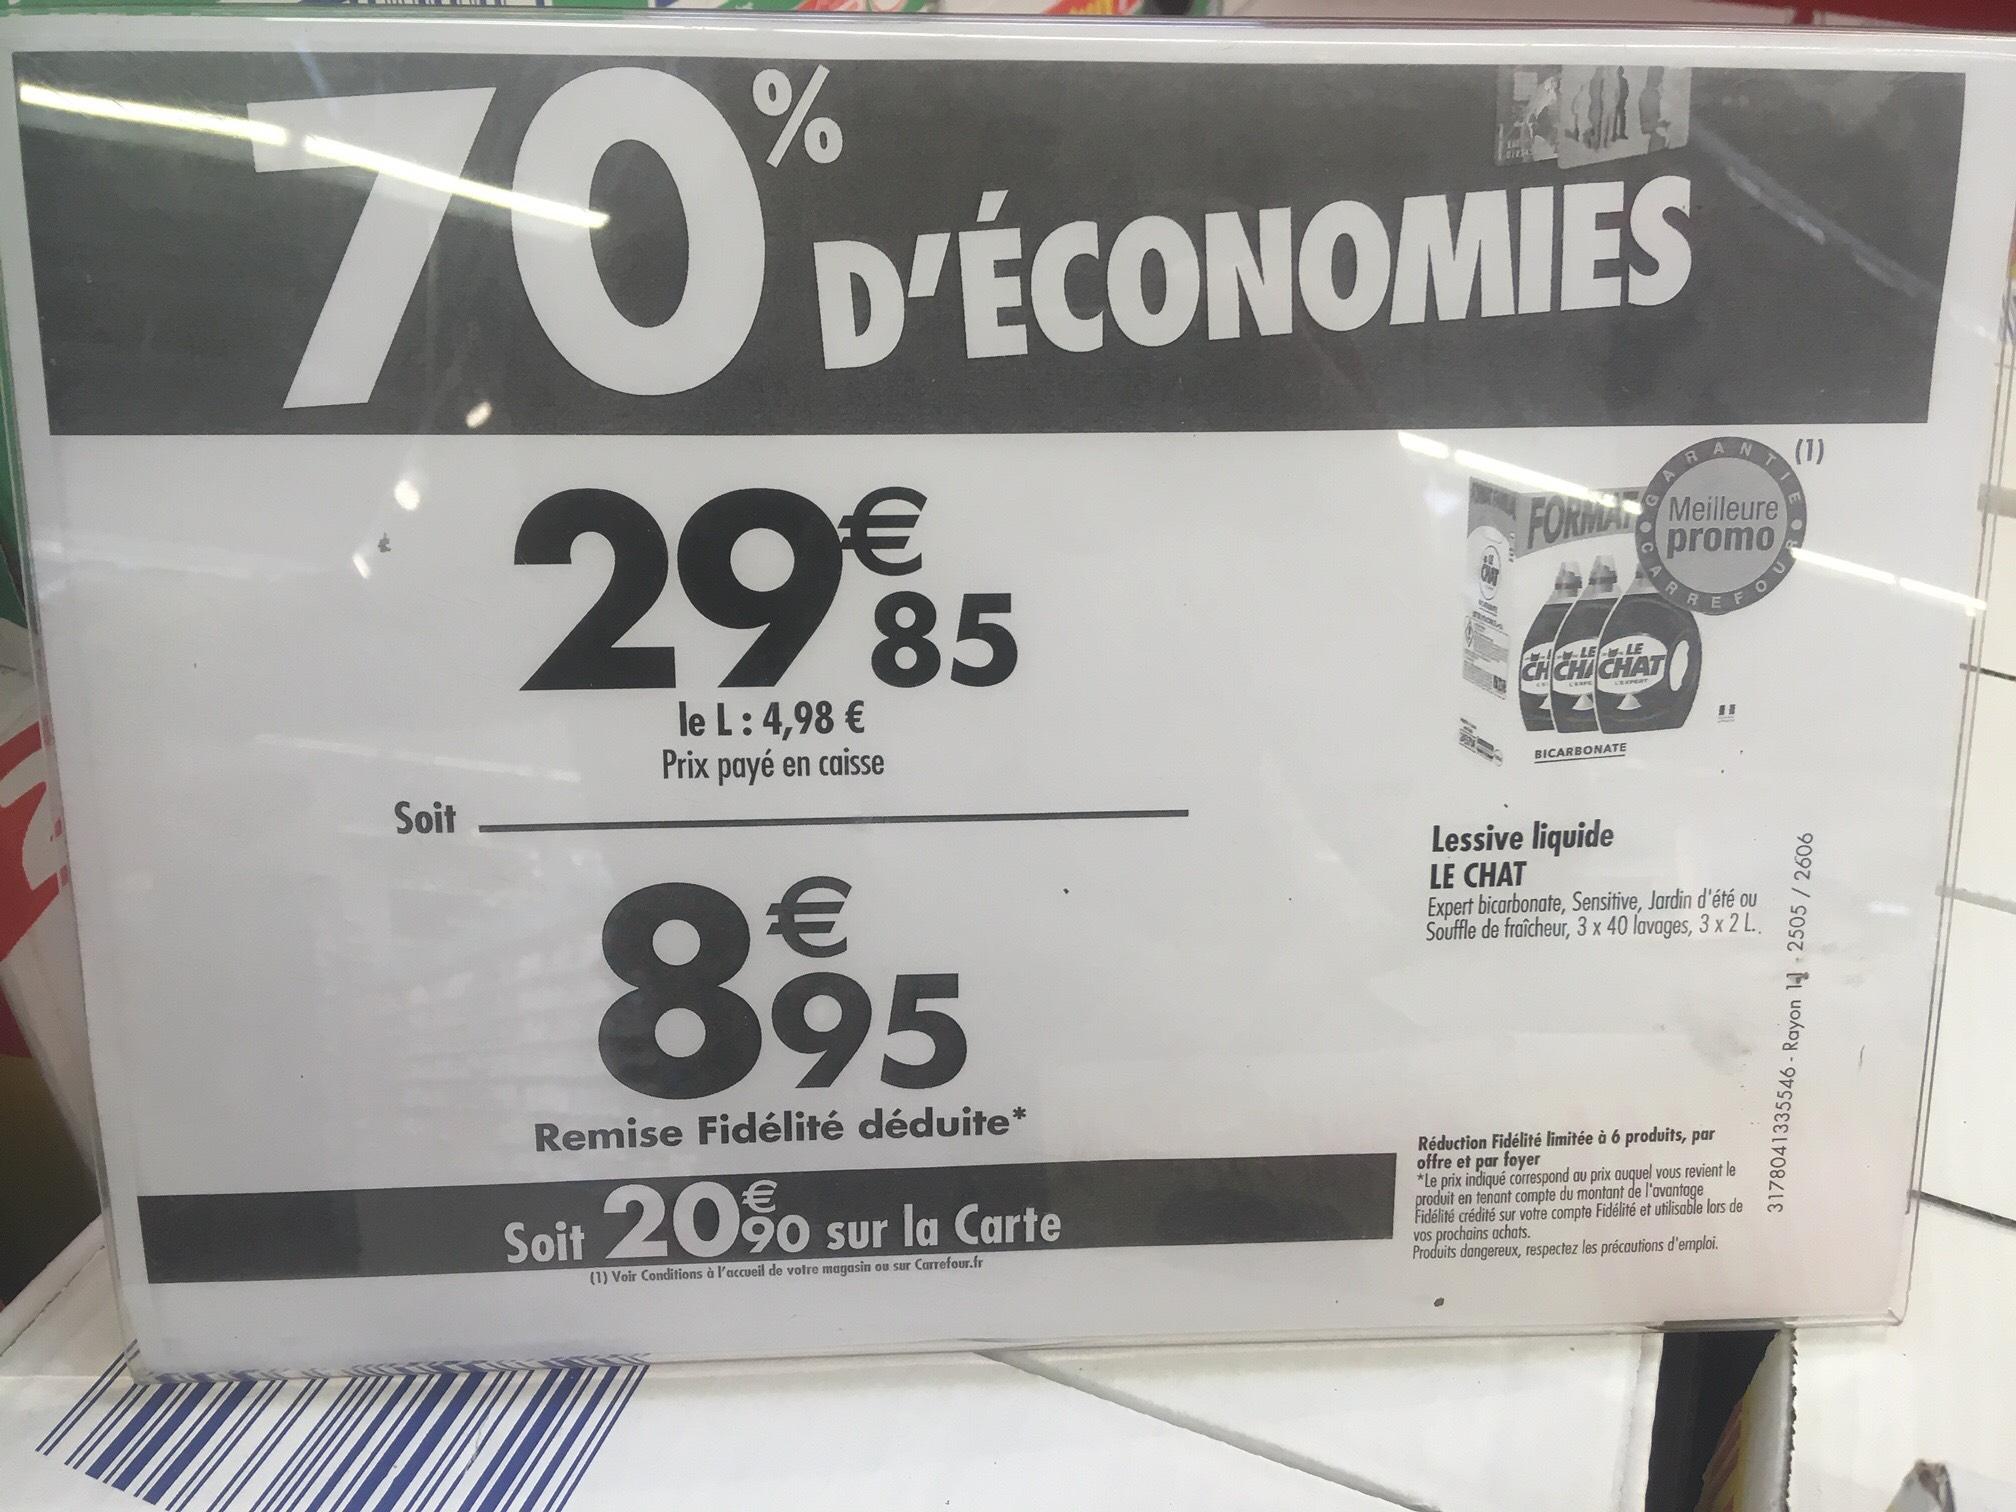 Lot de 3 bidons de lessive Le Chat - Parfum au choix (Via 20,90 € sur la carte fidélité) - La Beaujoire (44)